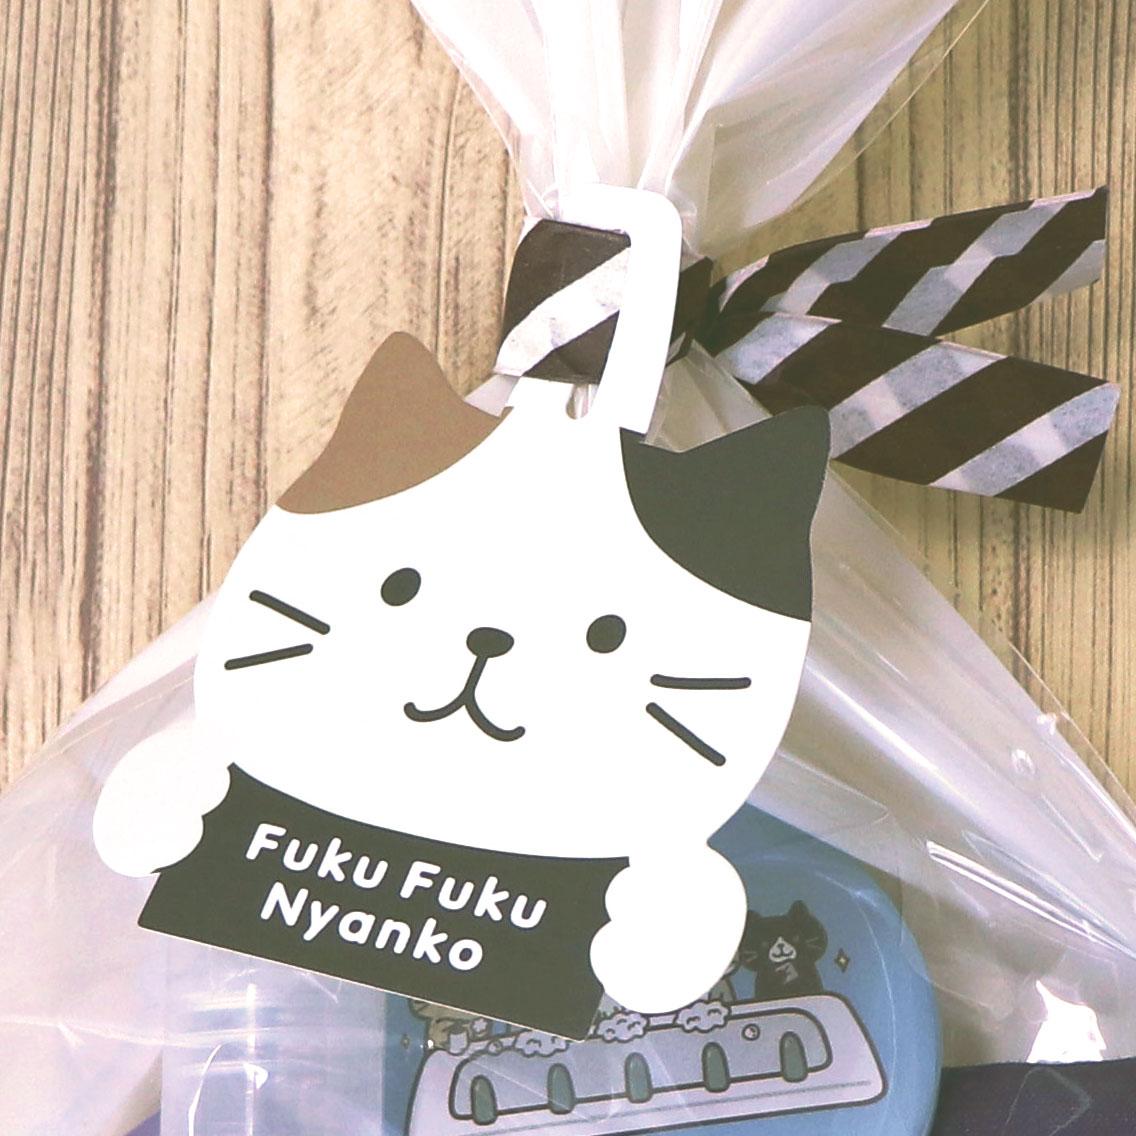 FukuFukuNyankoプチギフト 置物セット